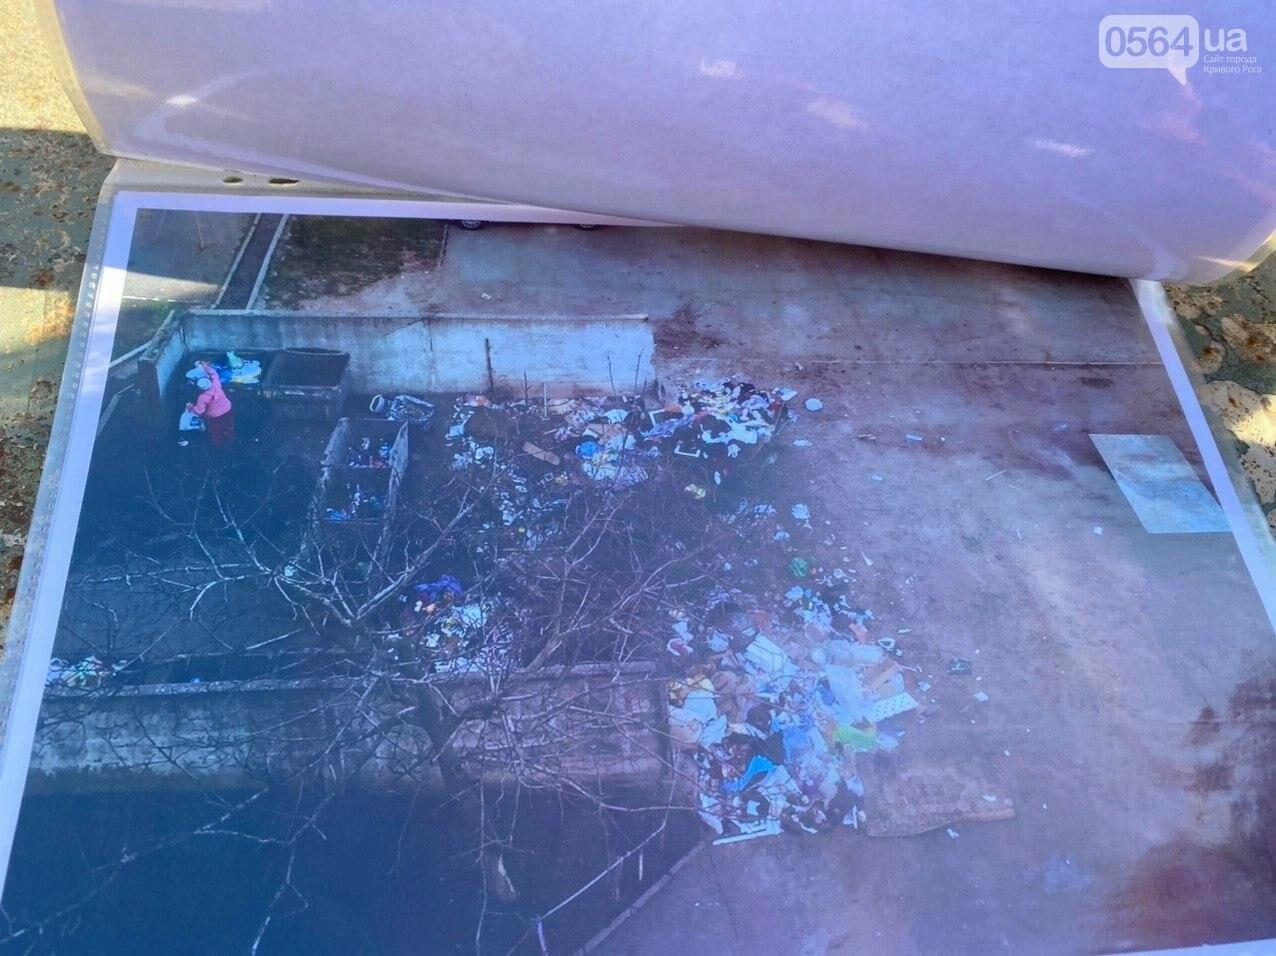 """""""Даже не смешно"""": криворожанам на просьбу реконструировать контейнерную площадку отчитались об уборке, - ФОТО, ВИДЕО , фото-8"""